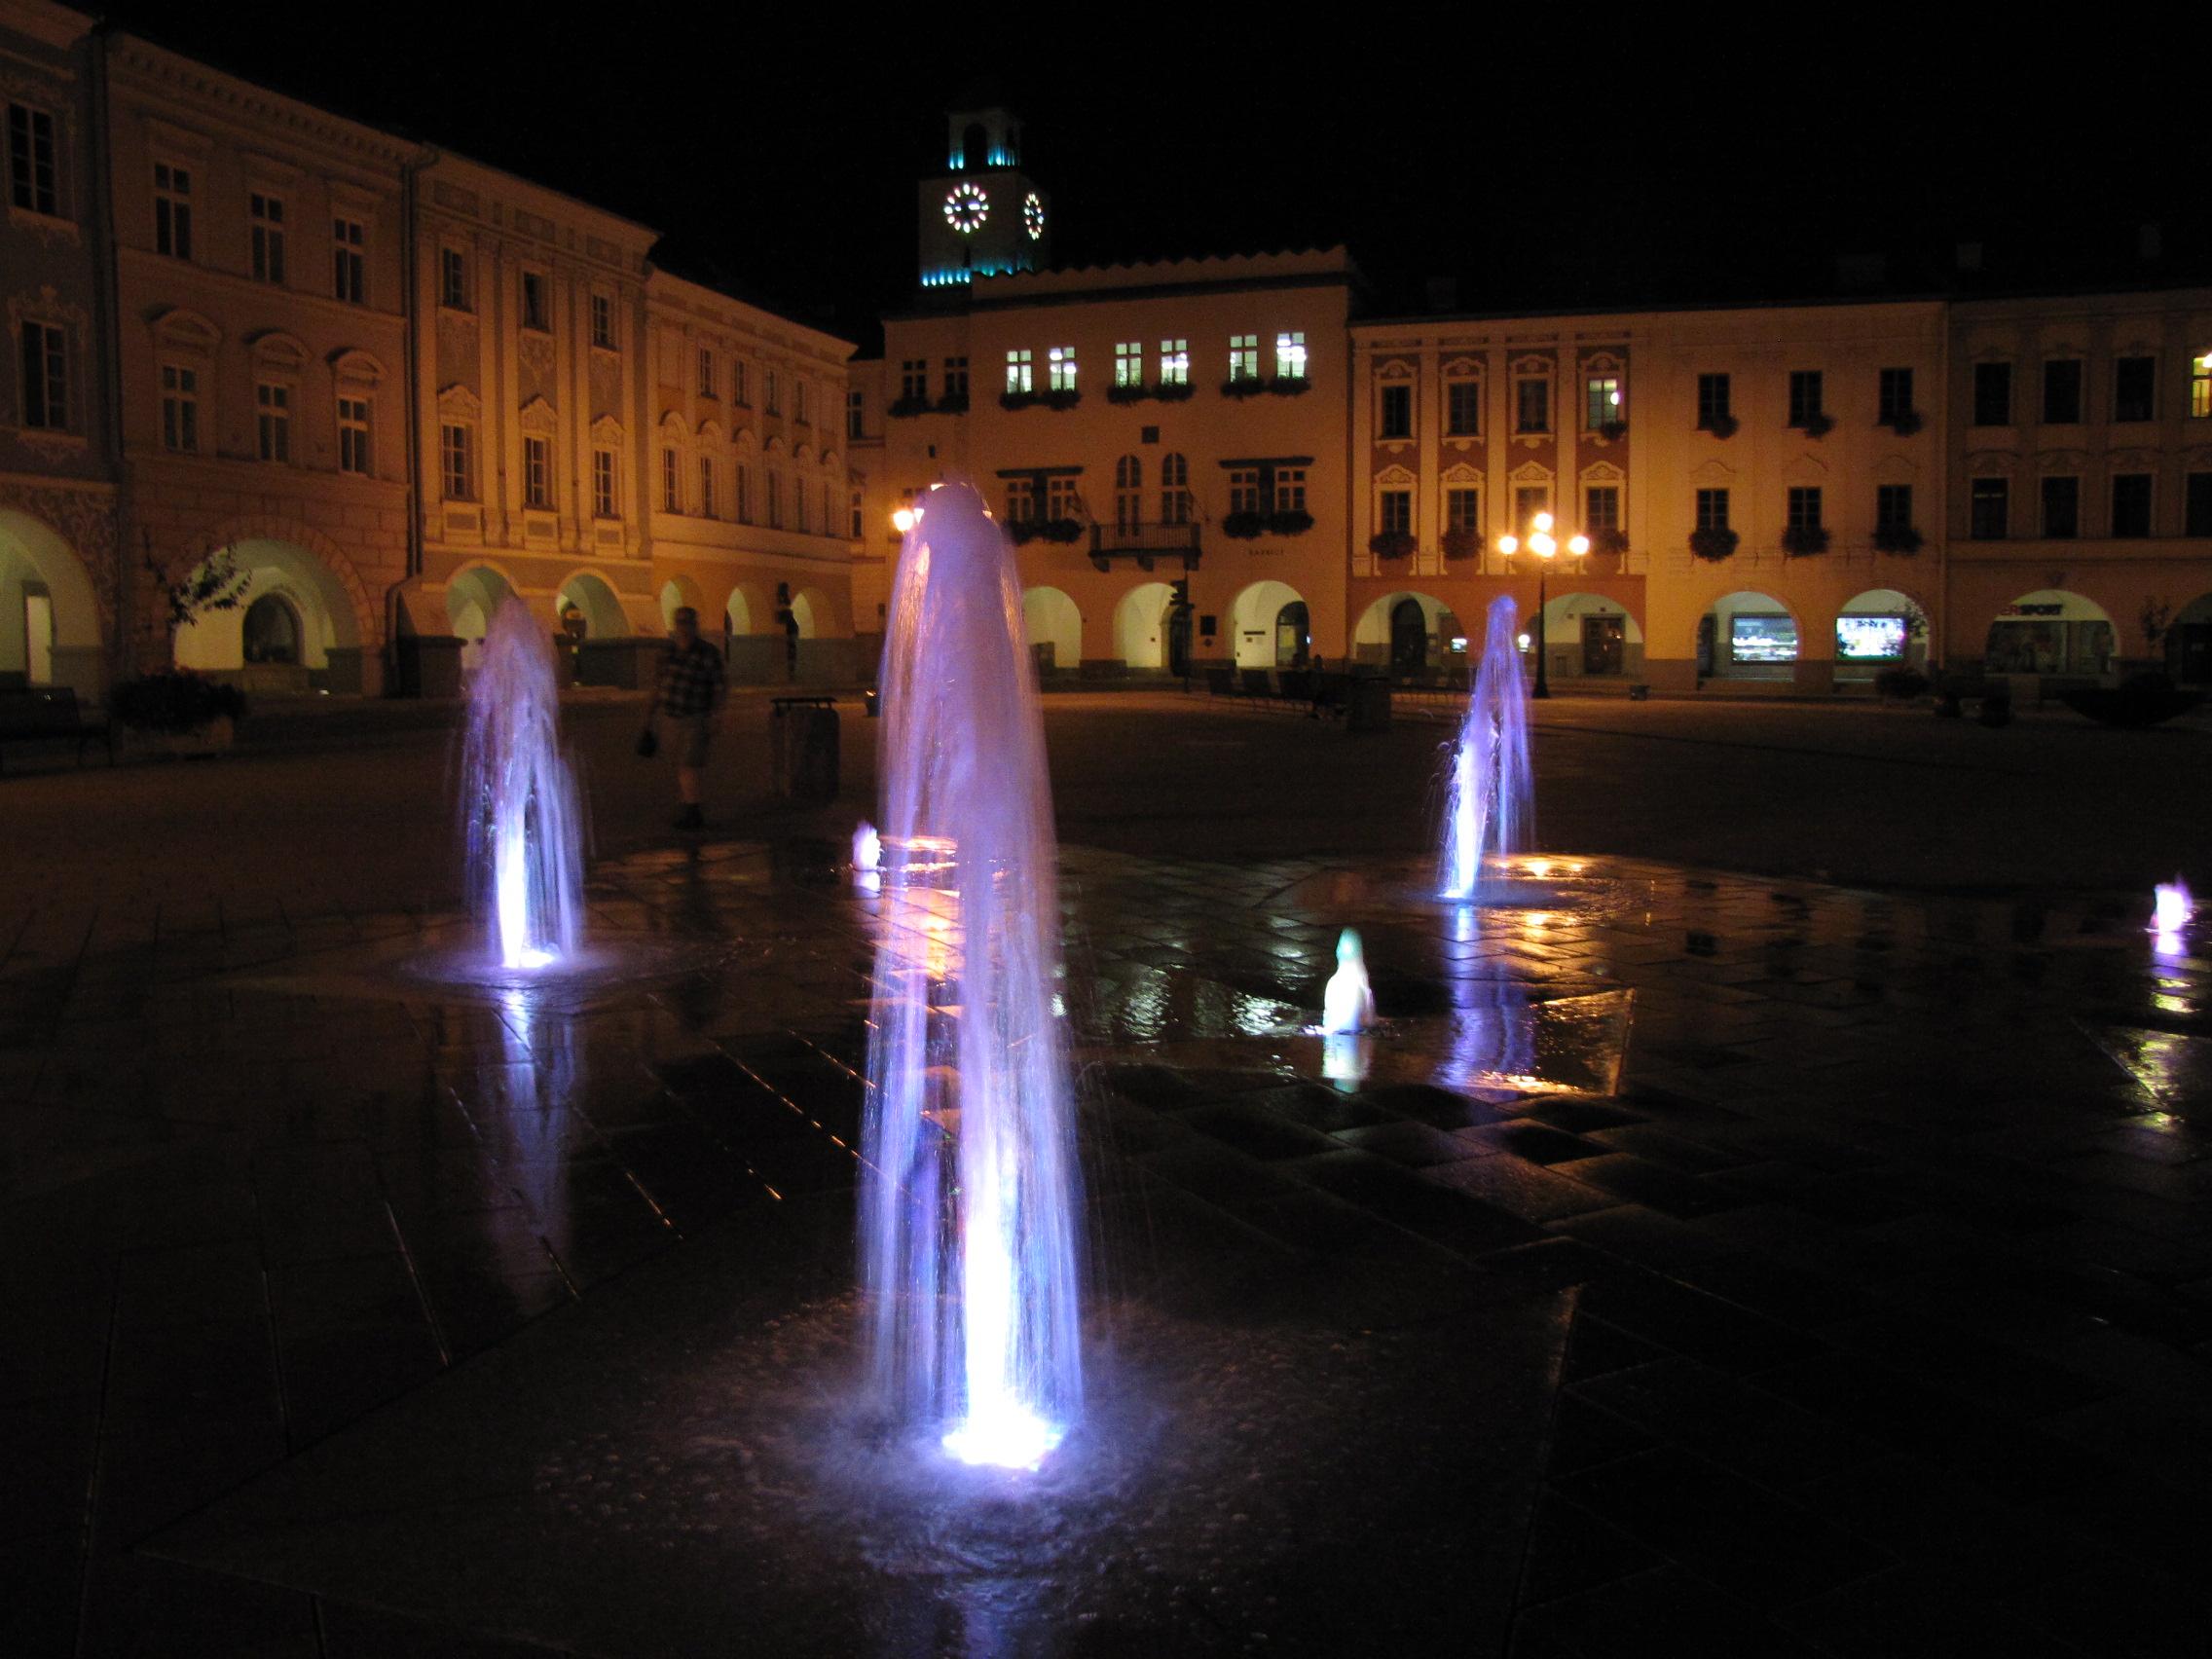 Nový Jičín náměstí v noci1